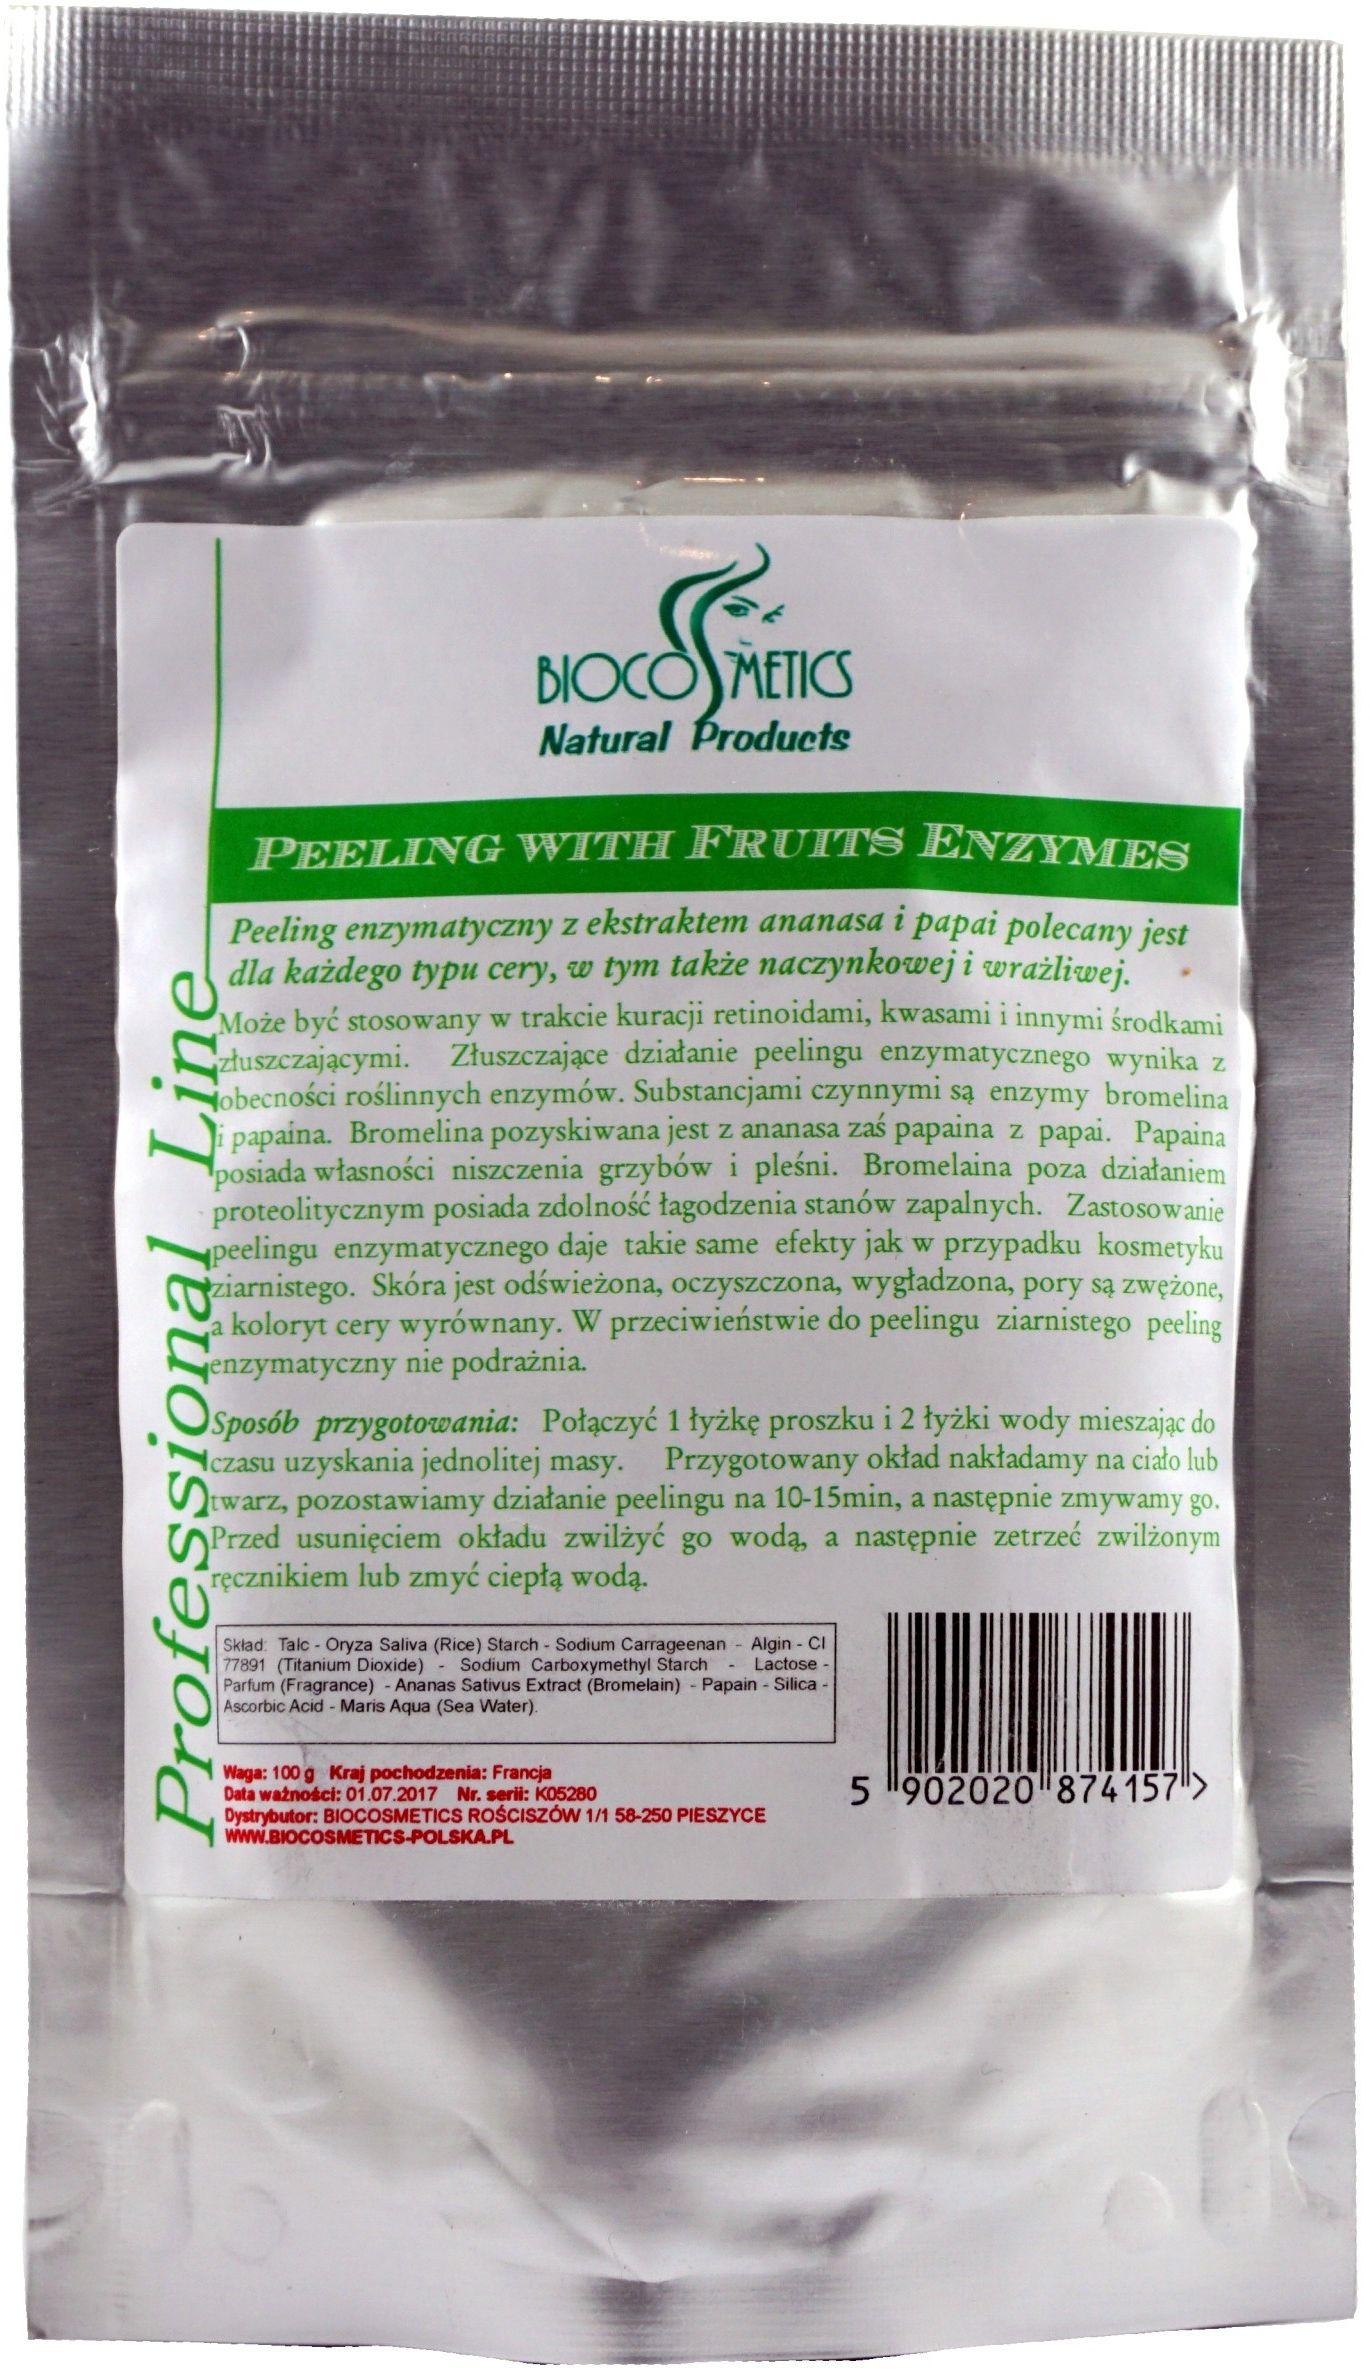 Owocowy peeling enzymatyczny z papainą i bromeliną - 100g - Biocosmetics